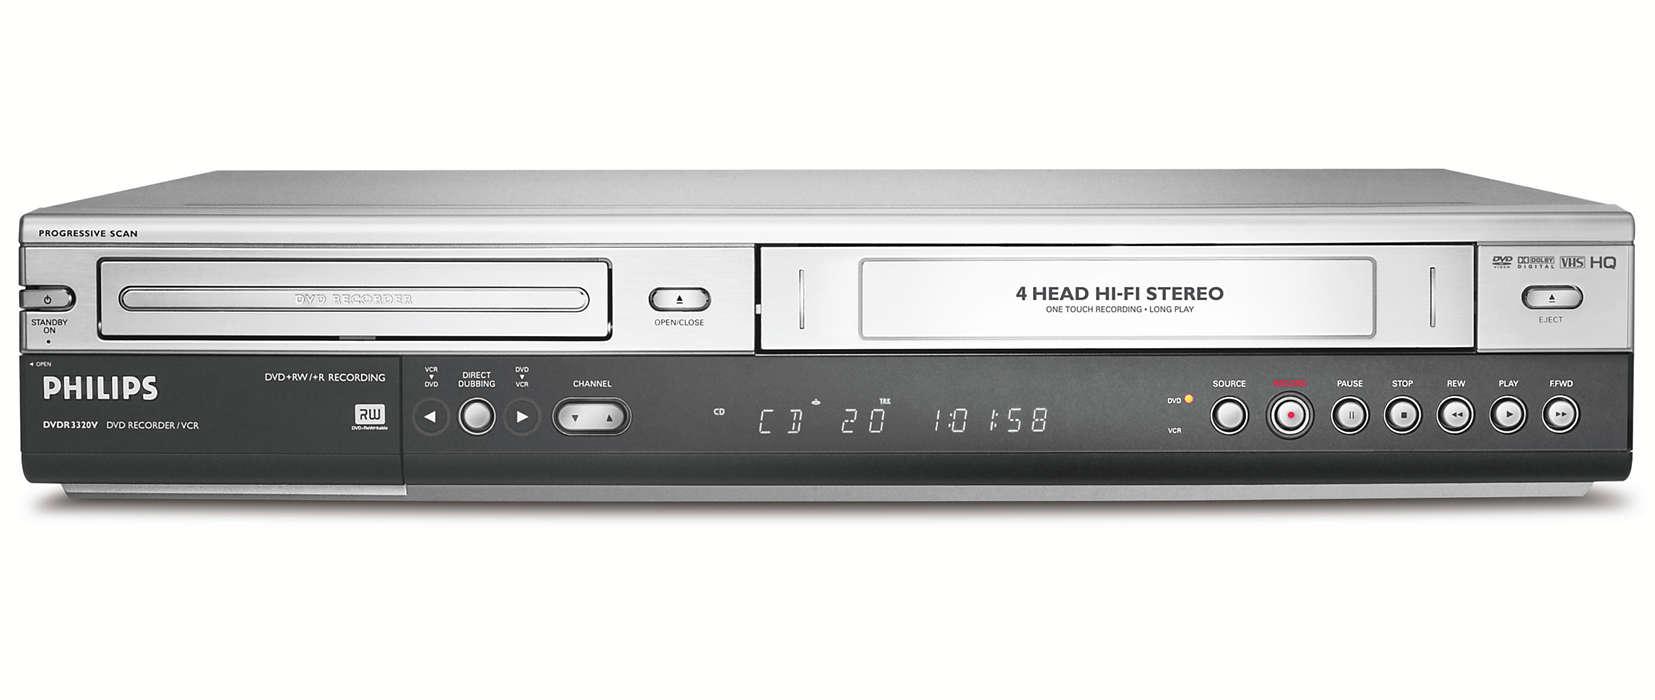 Őrizze meg VHS felvételeit DVD-n